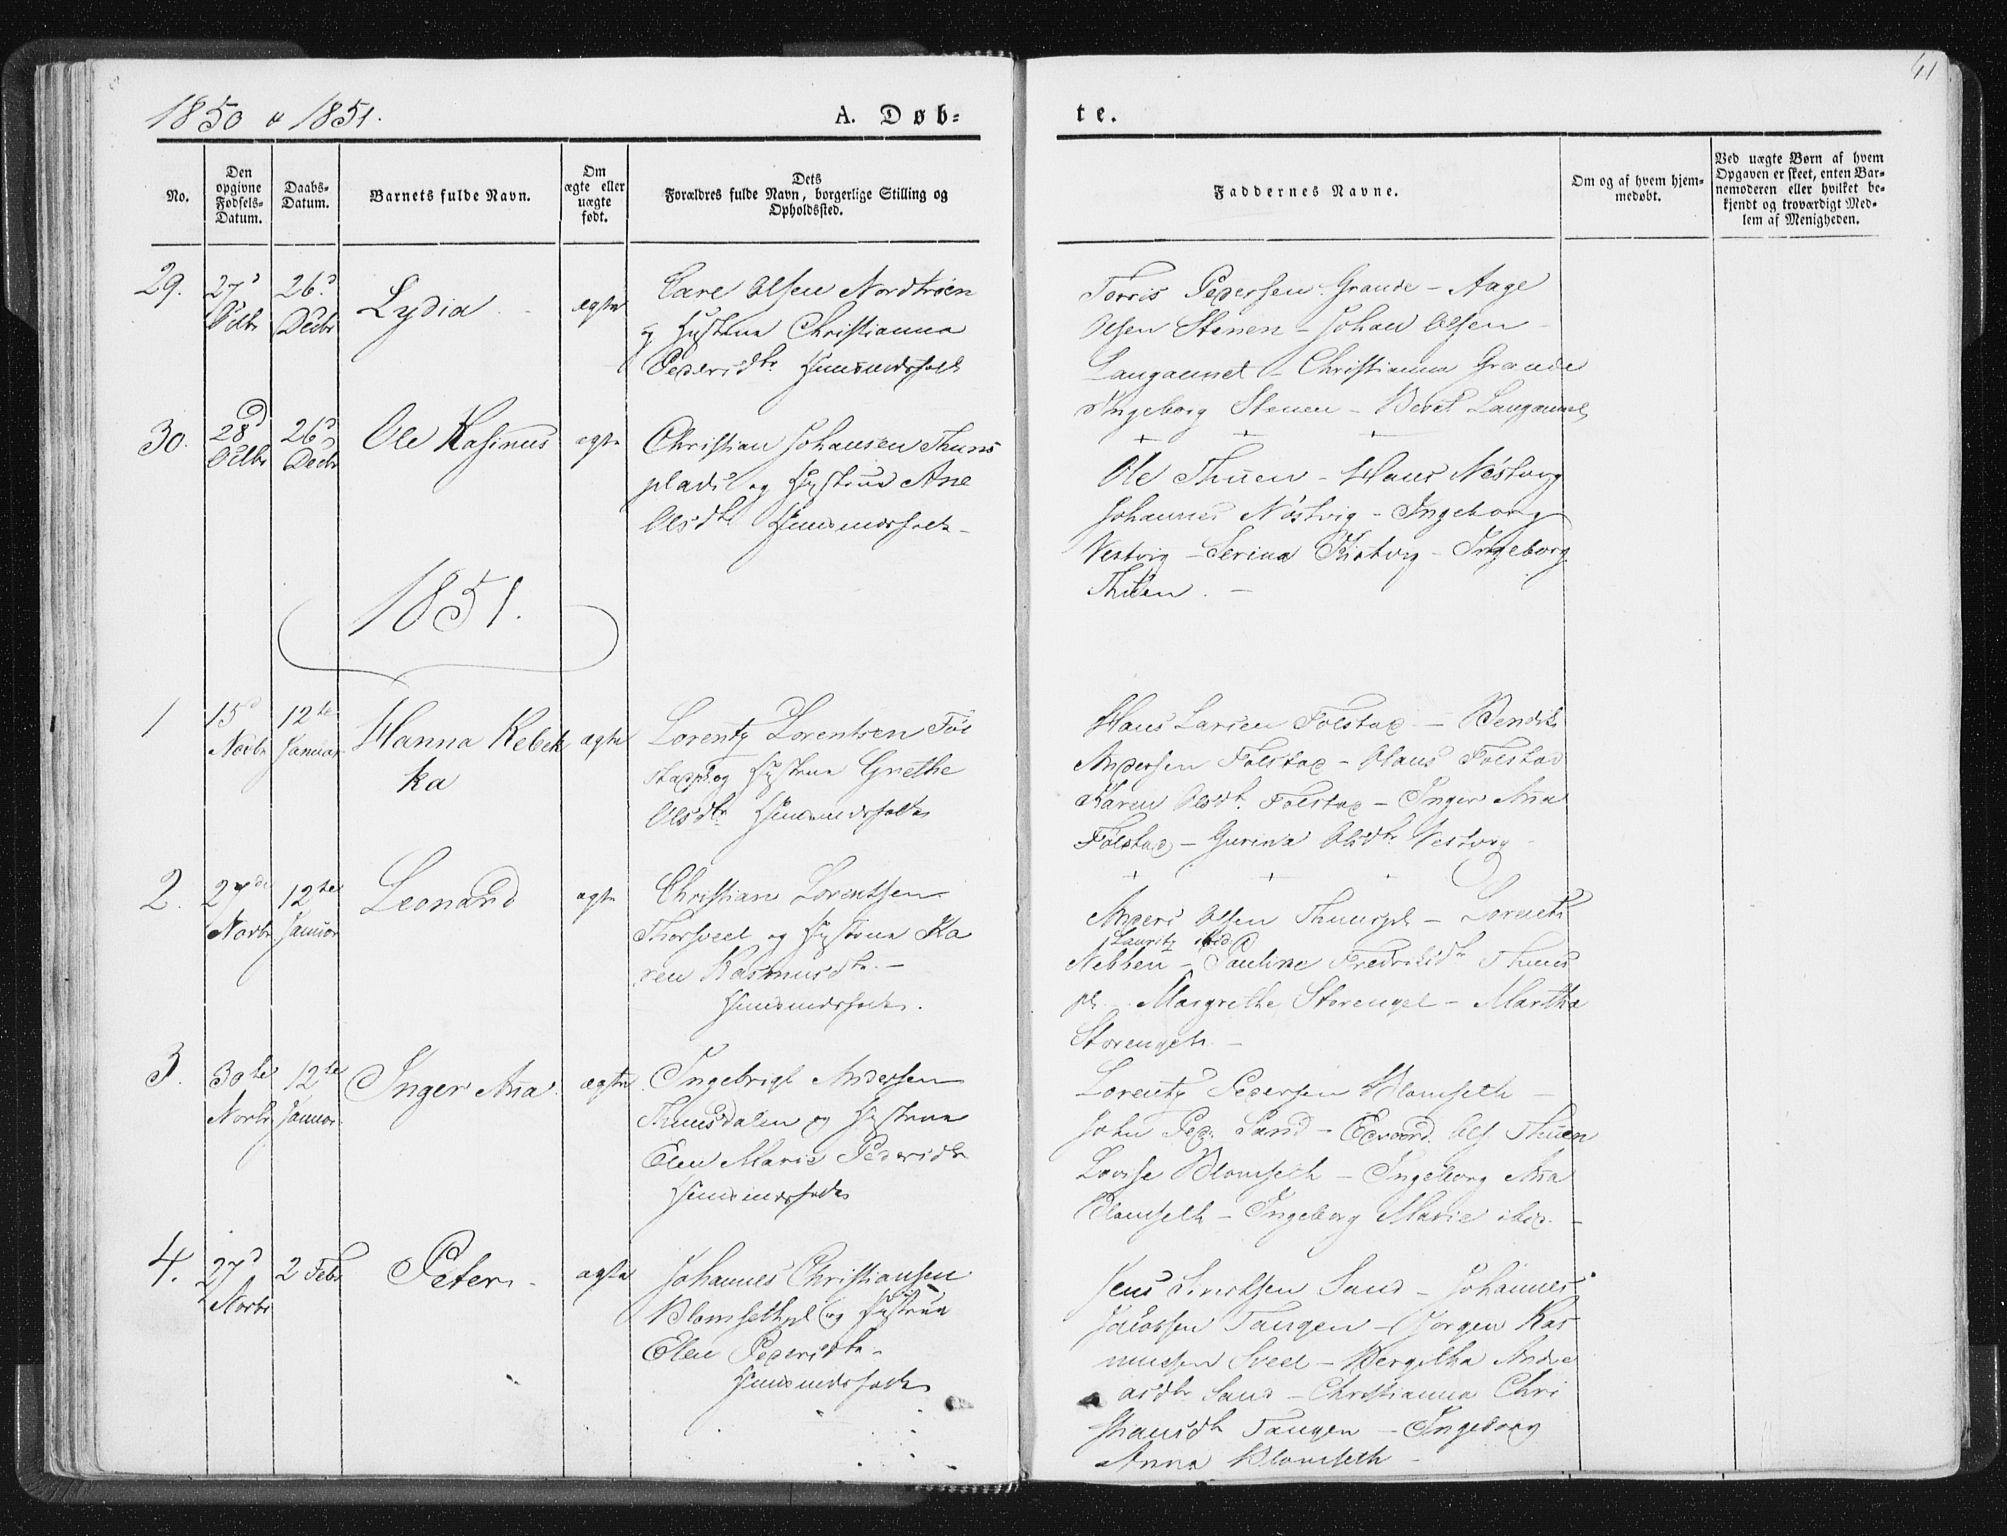 SAT, Ministerialprotokoller, klokkerbøker og fødselsregistre - Nord-Trøndelag, 744/L0418: Ministerialbok nr. 744A02, 1843-1866, s. 41